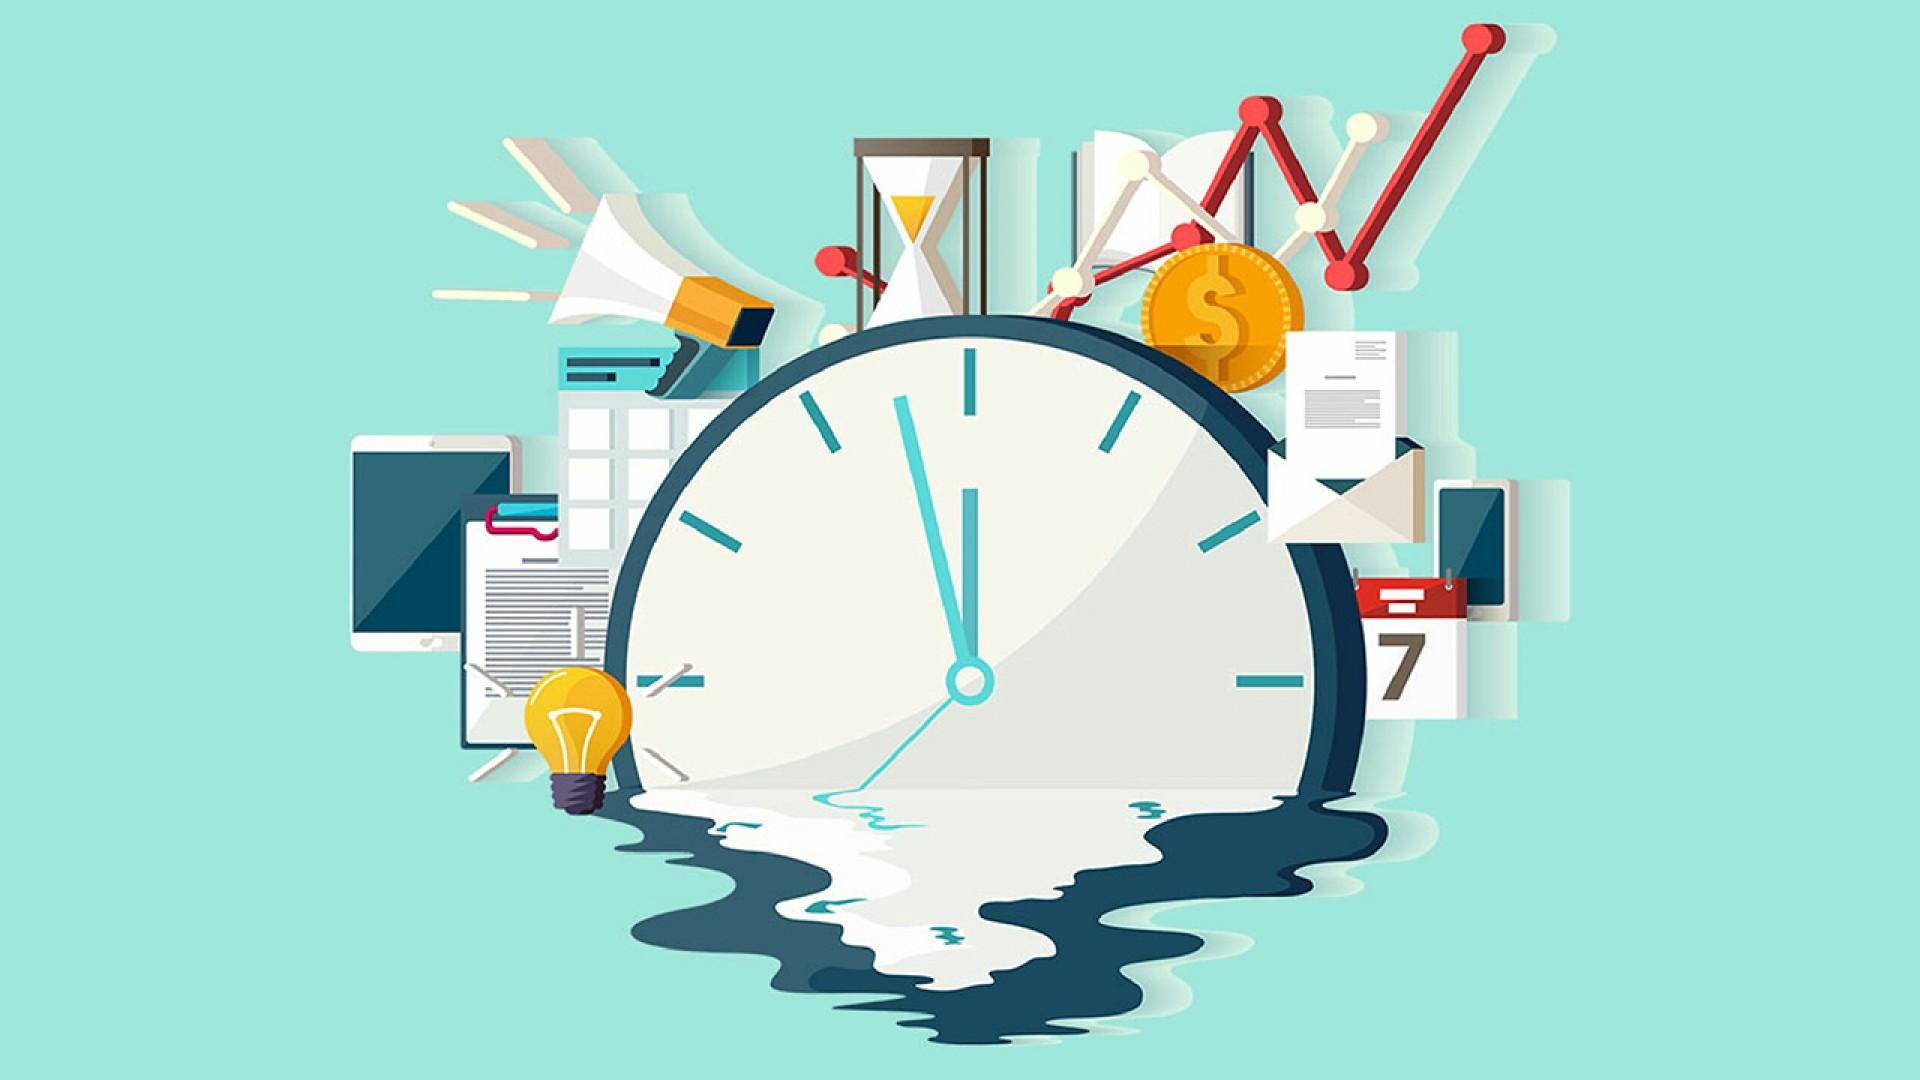 Kỹ năng quản lí thời gian - 11 phương pháp hiệu quả nhất! - Quản Lý kho